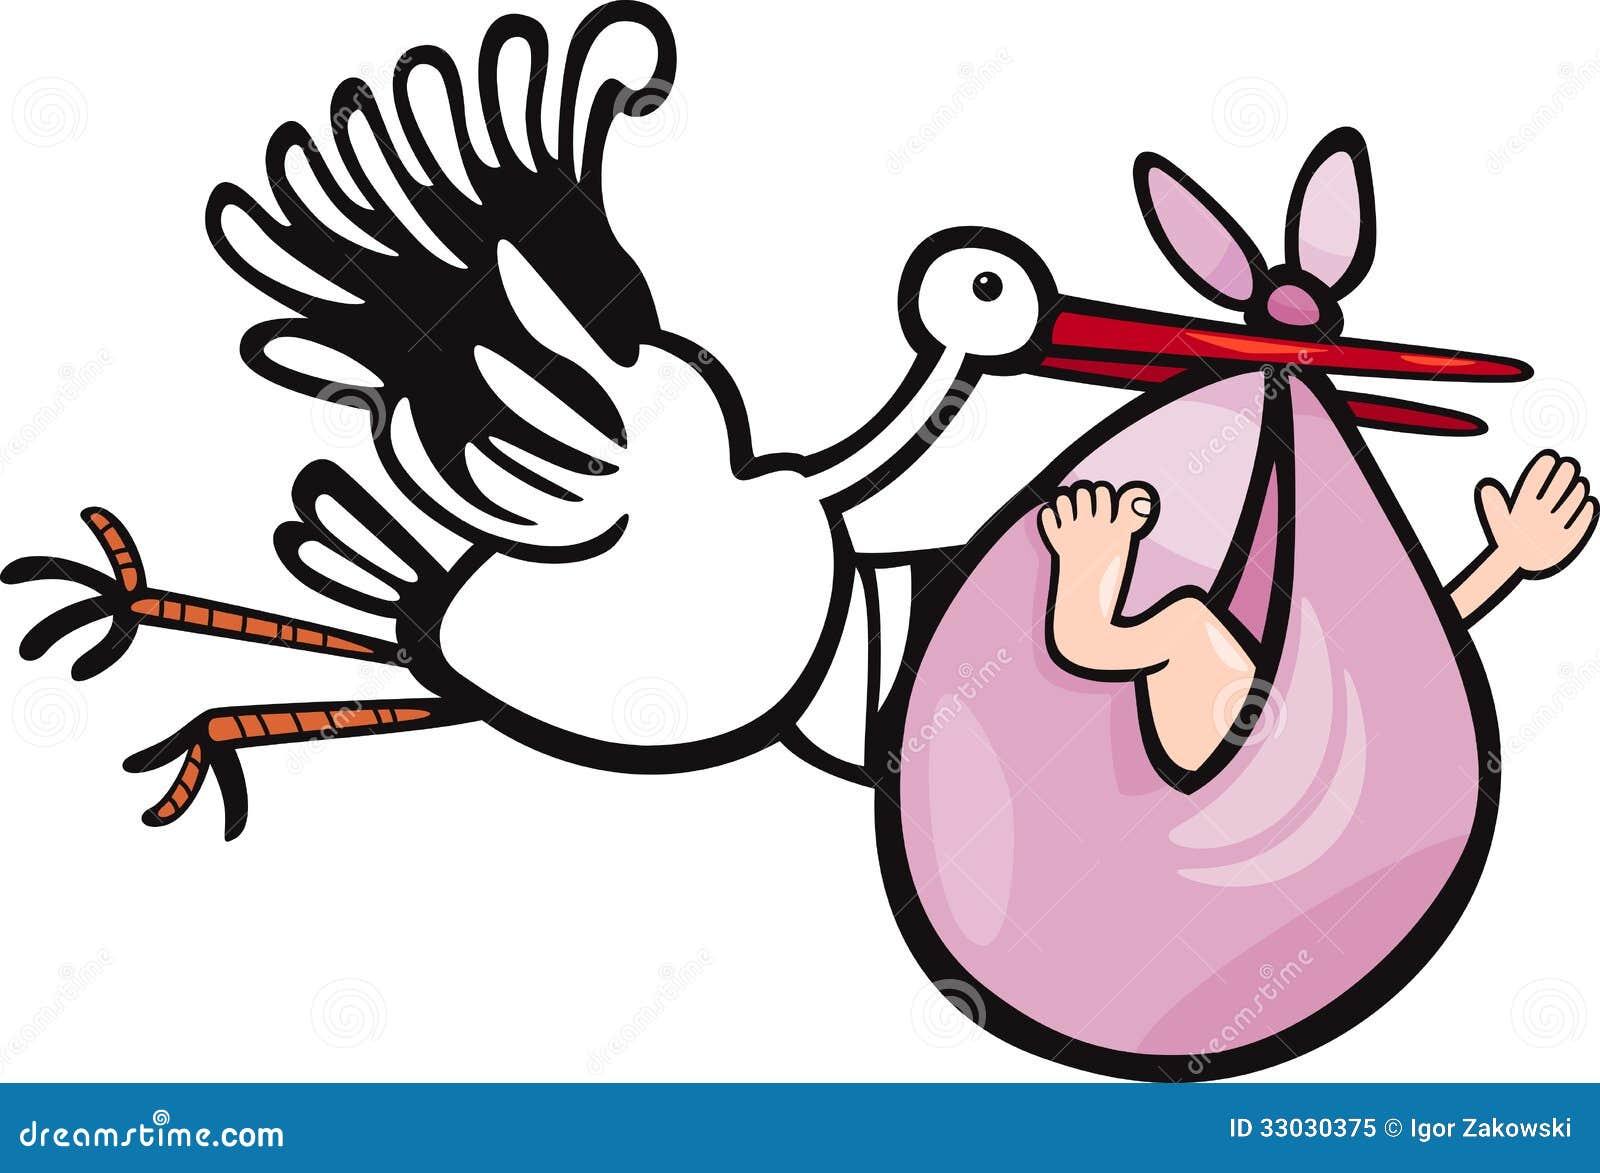 Clip Art Stork Delivering Baby | Free | Download